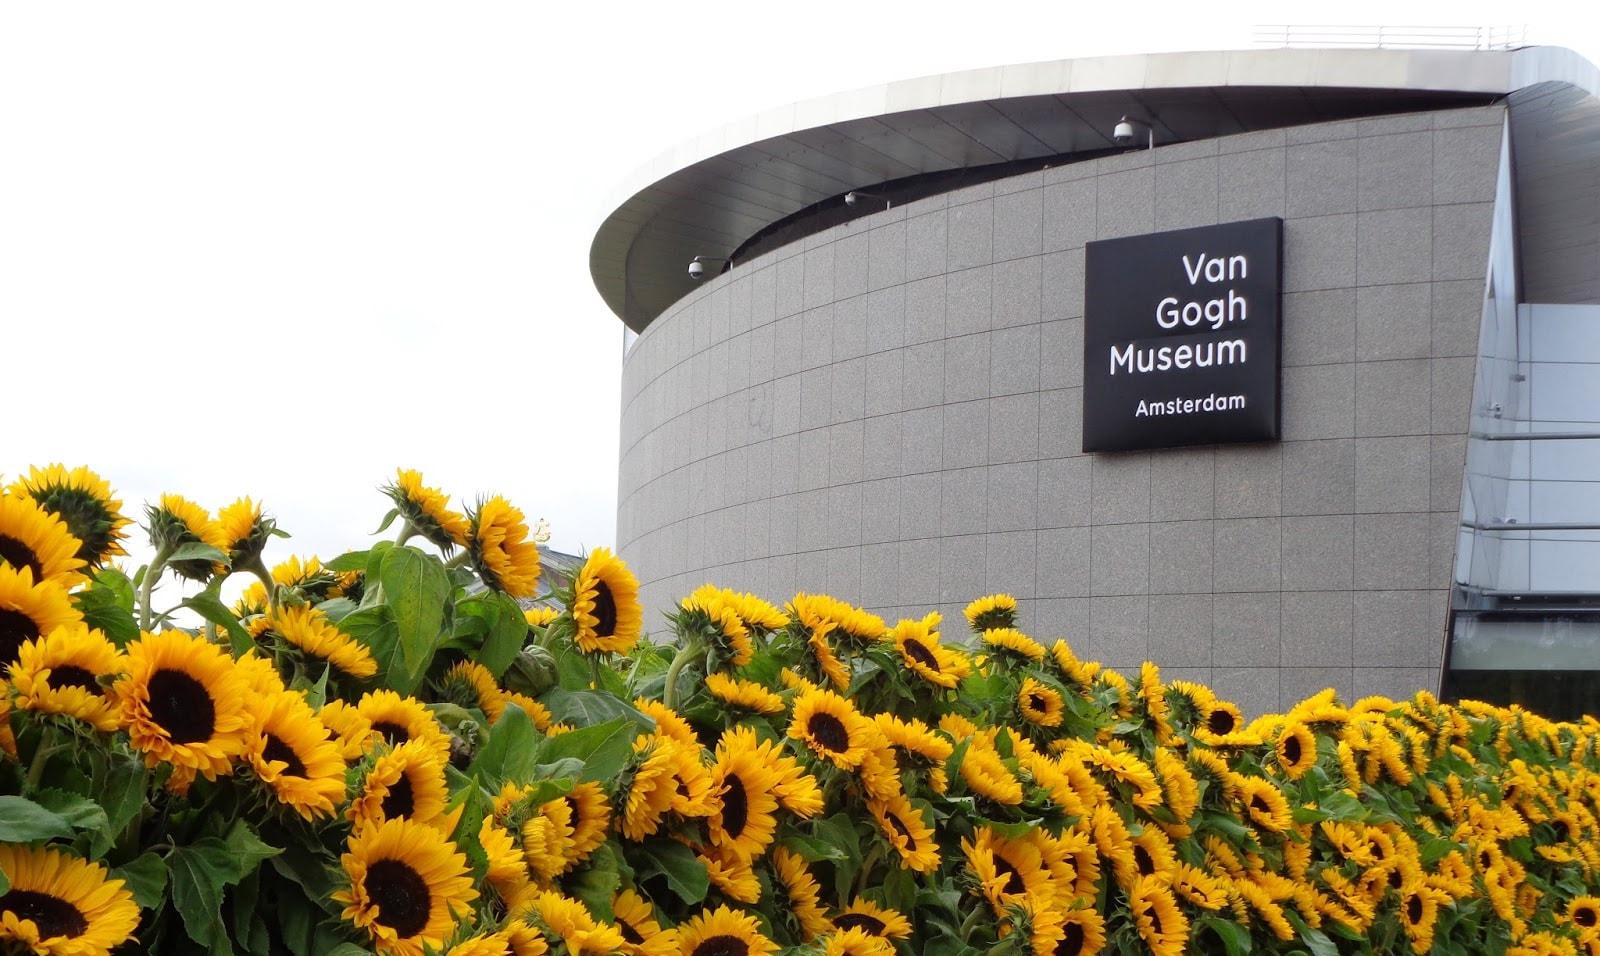 Фото музея Ван Гога с подсолнухами